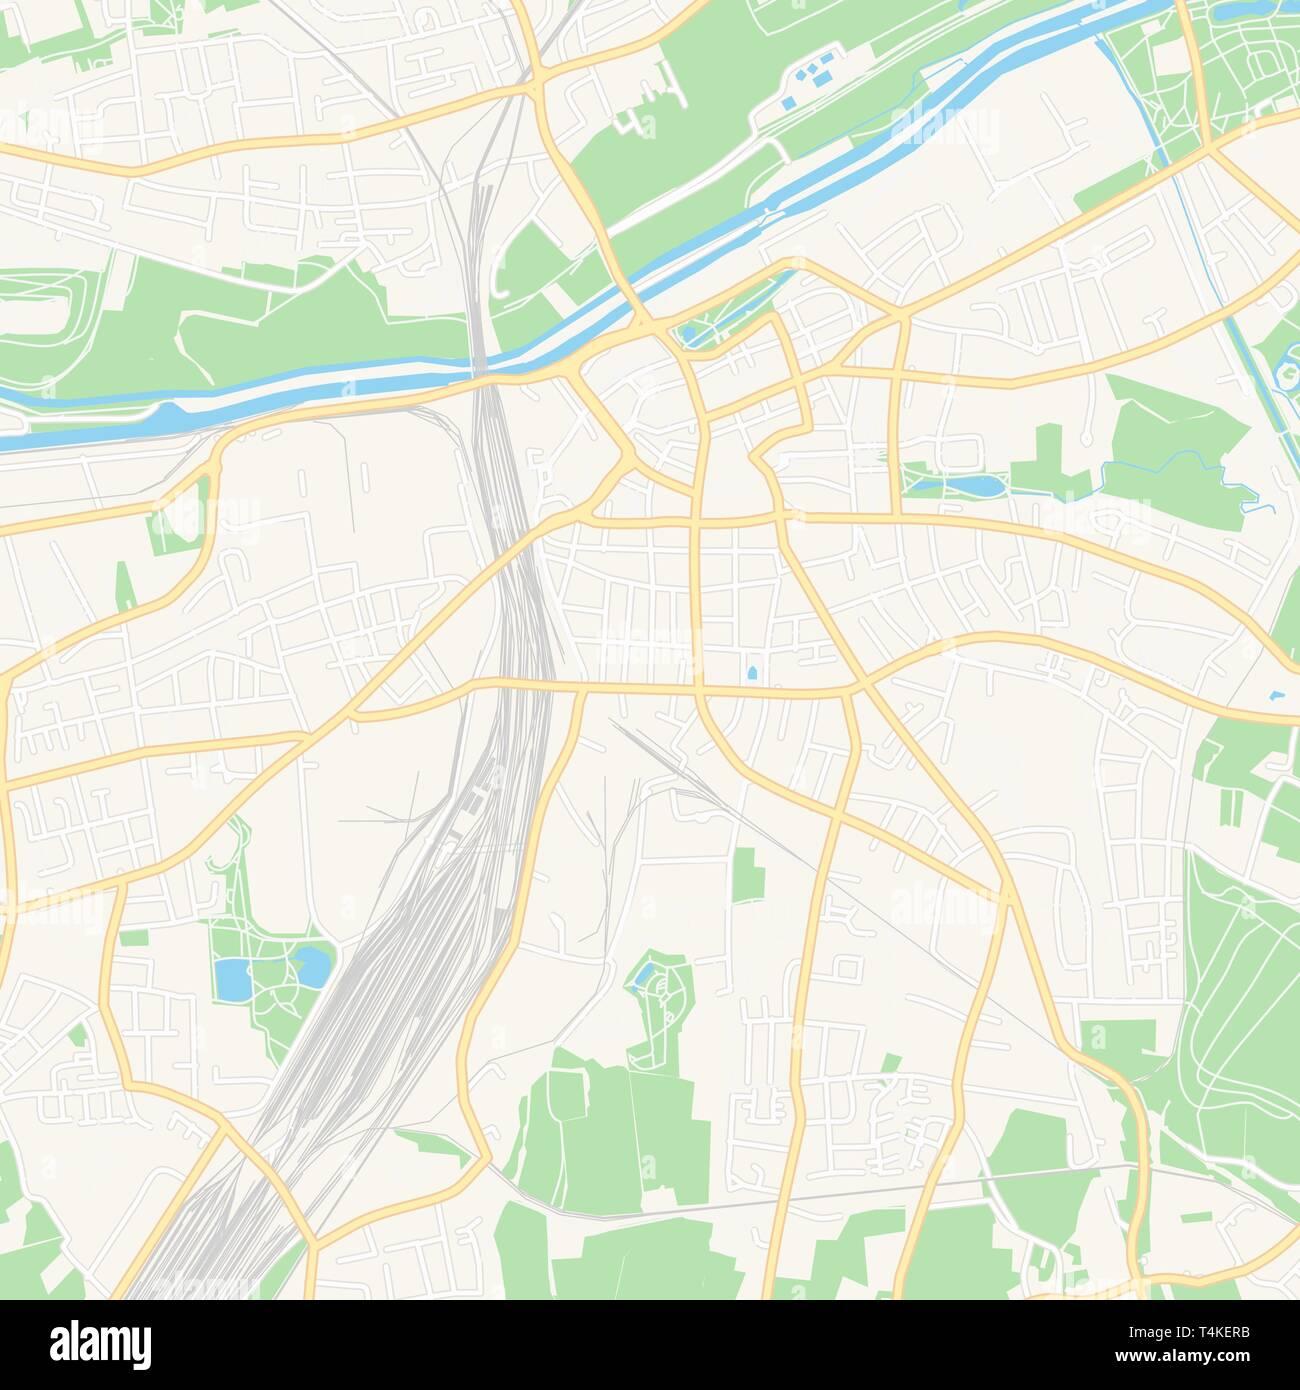 Flughafen D303274sseldorf Karte.Hamm Karte